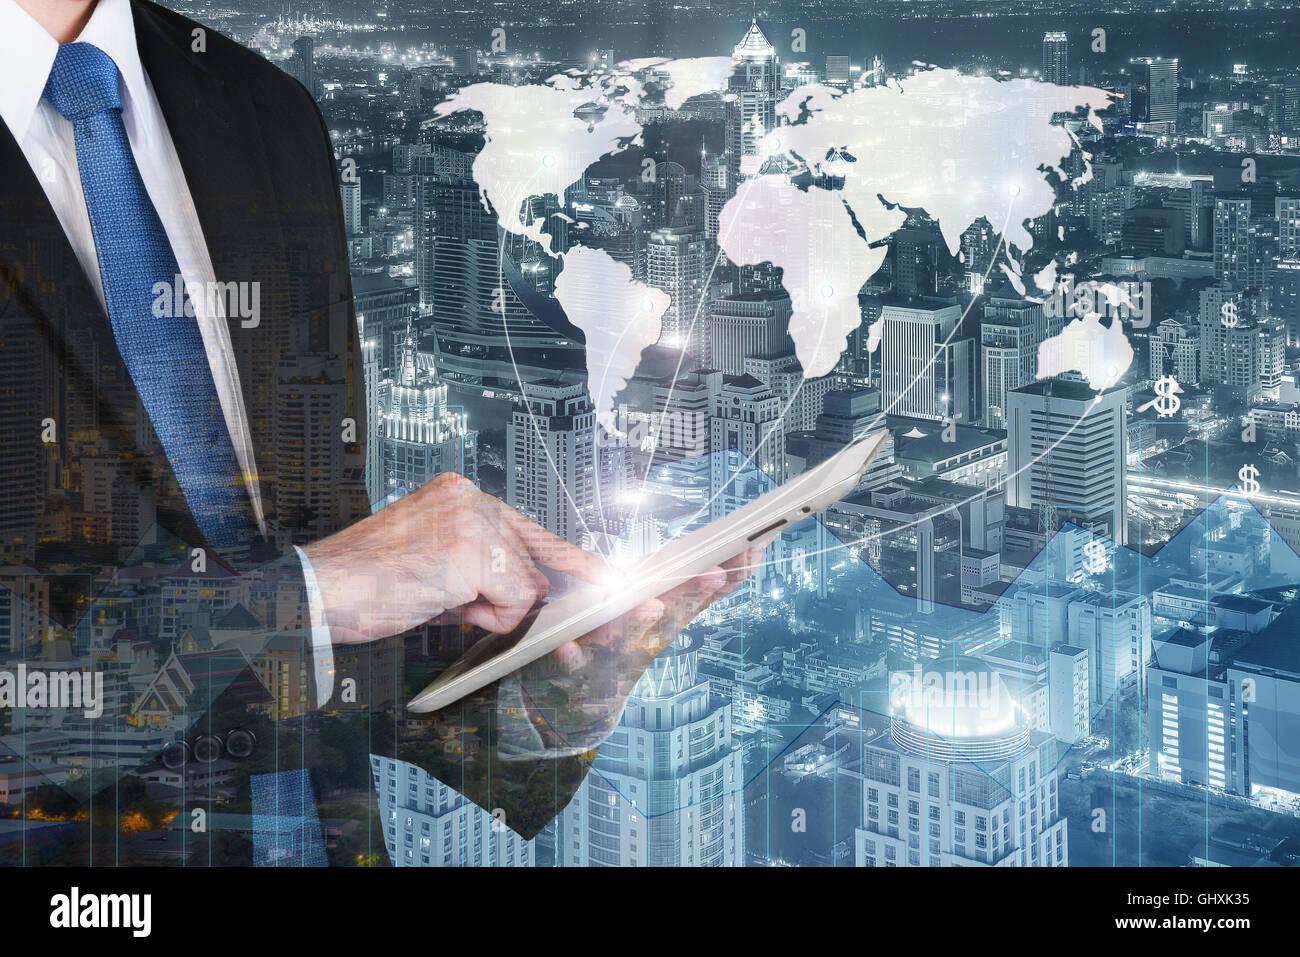 Concepto de tecnología empresarial - hombre de negocios pulse tableta digital para mostrar la red global de Imagen De Stock